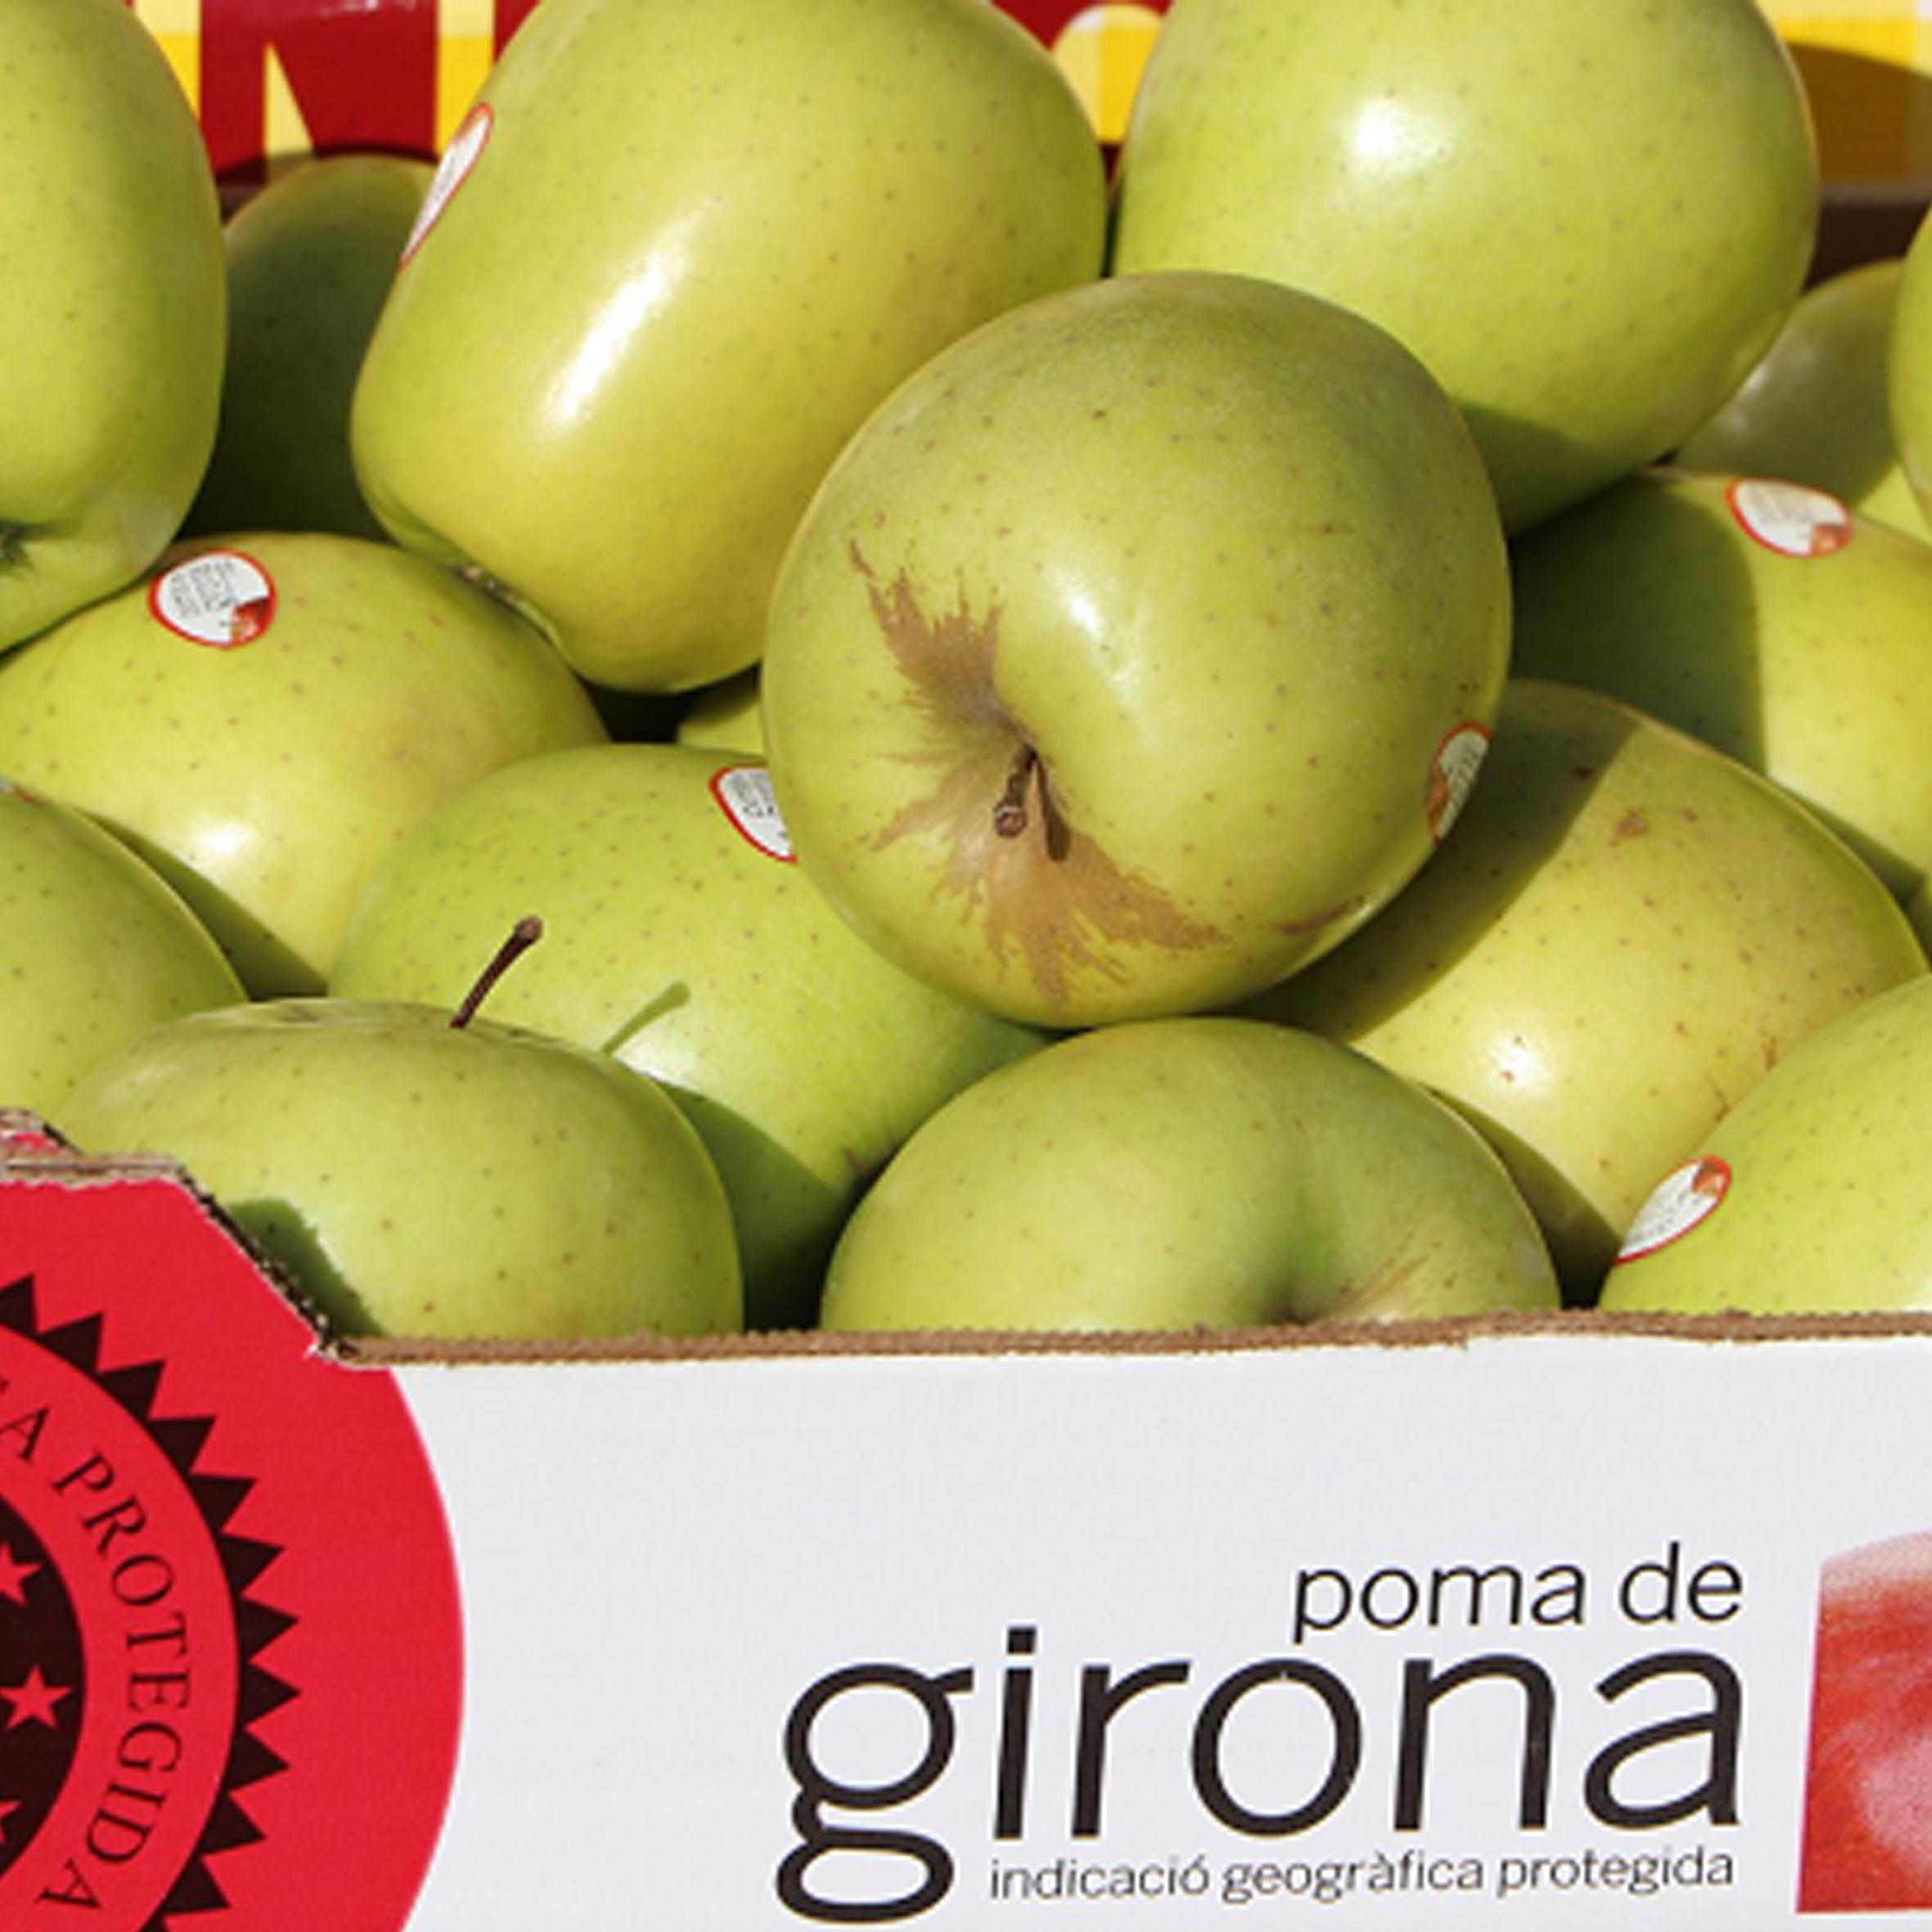 Poma Girona ok